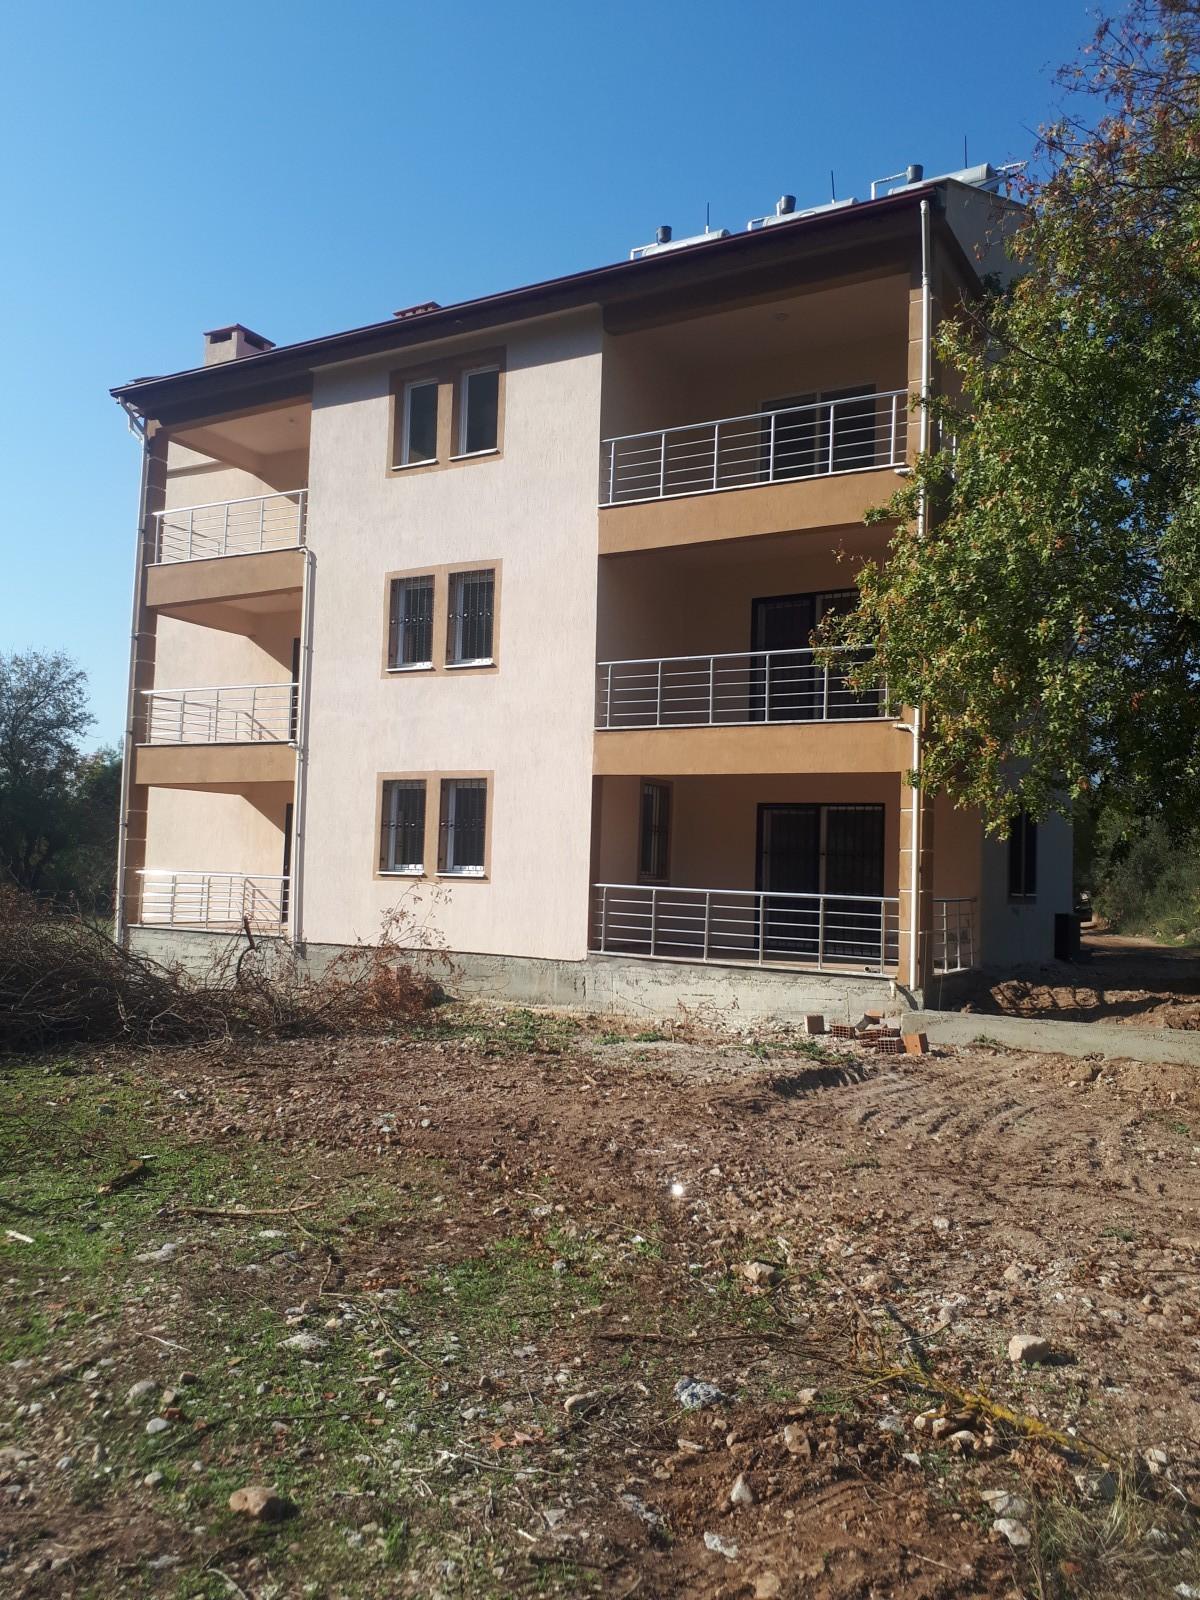 3 Bedroom unfurnished apartment -Fethiye, Kayaköy